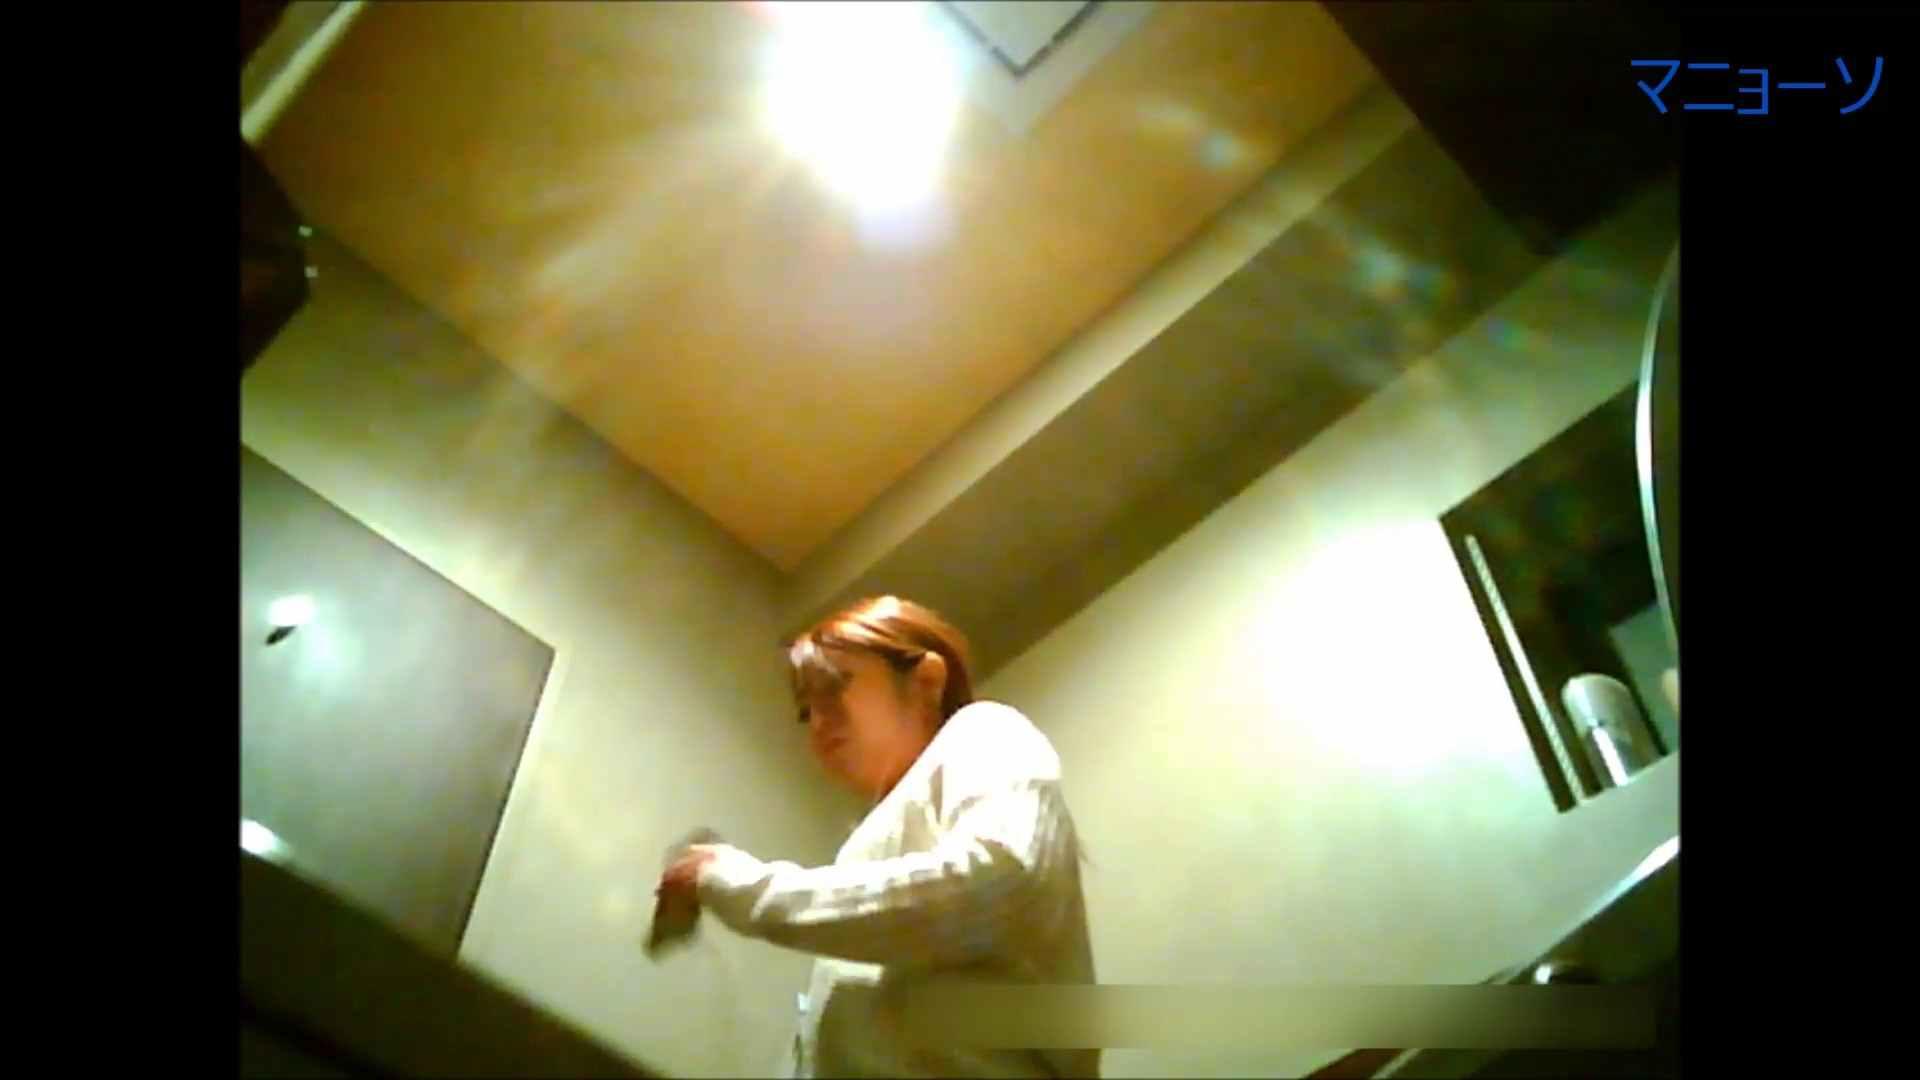 トイレでひと肌脱いでもらいました (JD編)Vol.02 トイレ | OLの実態  80pic 15